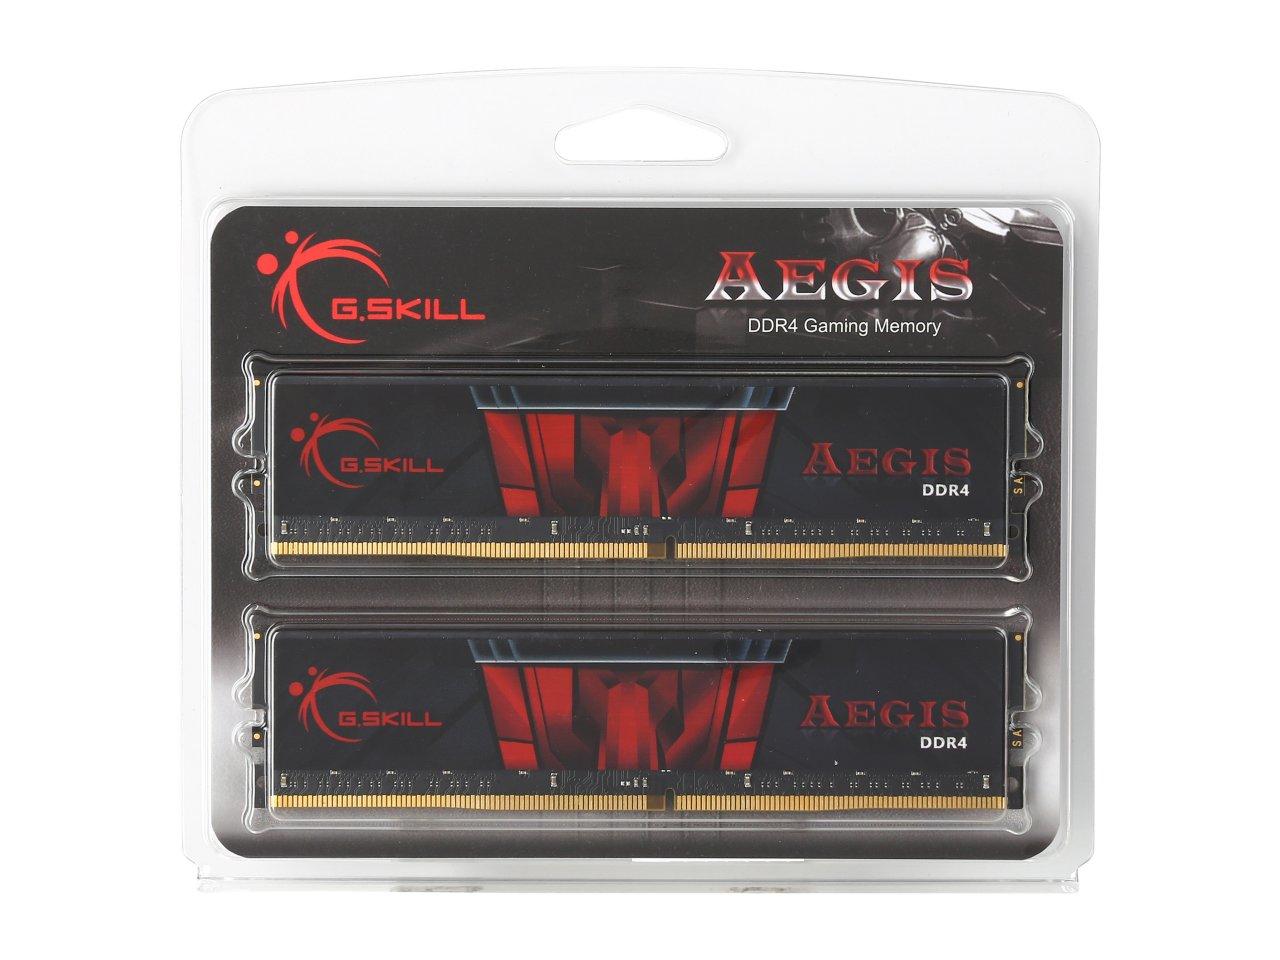 Mémoire G.Skill Aegis 32 Go (2 x 16 Go) DDR4 2400 MHz CL15, informatique ile de la Réunion 974